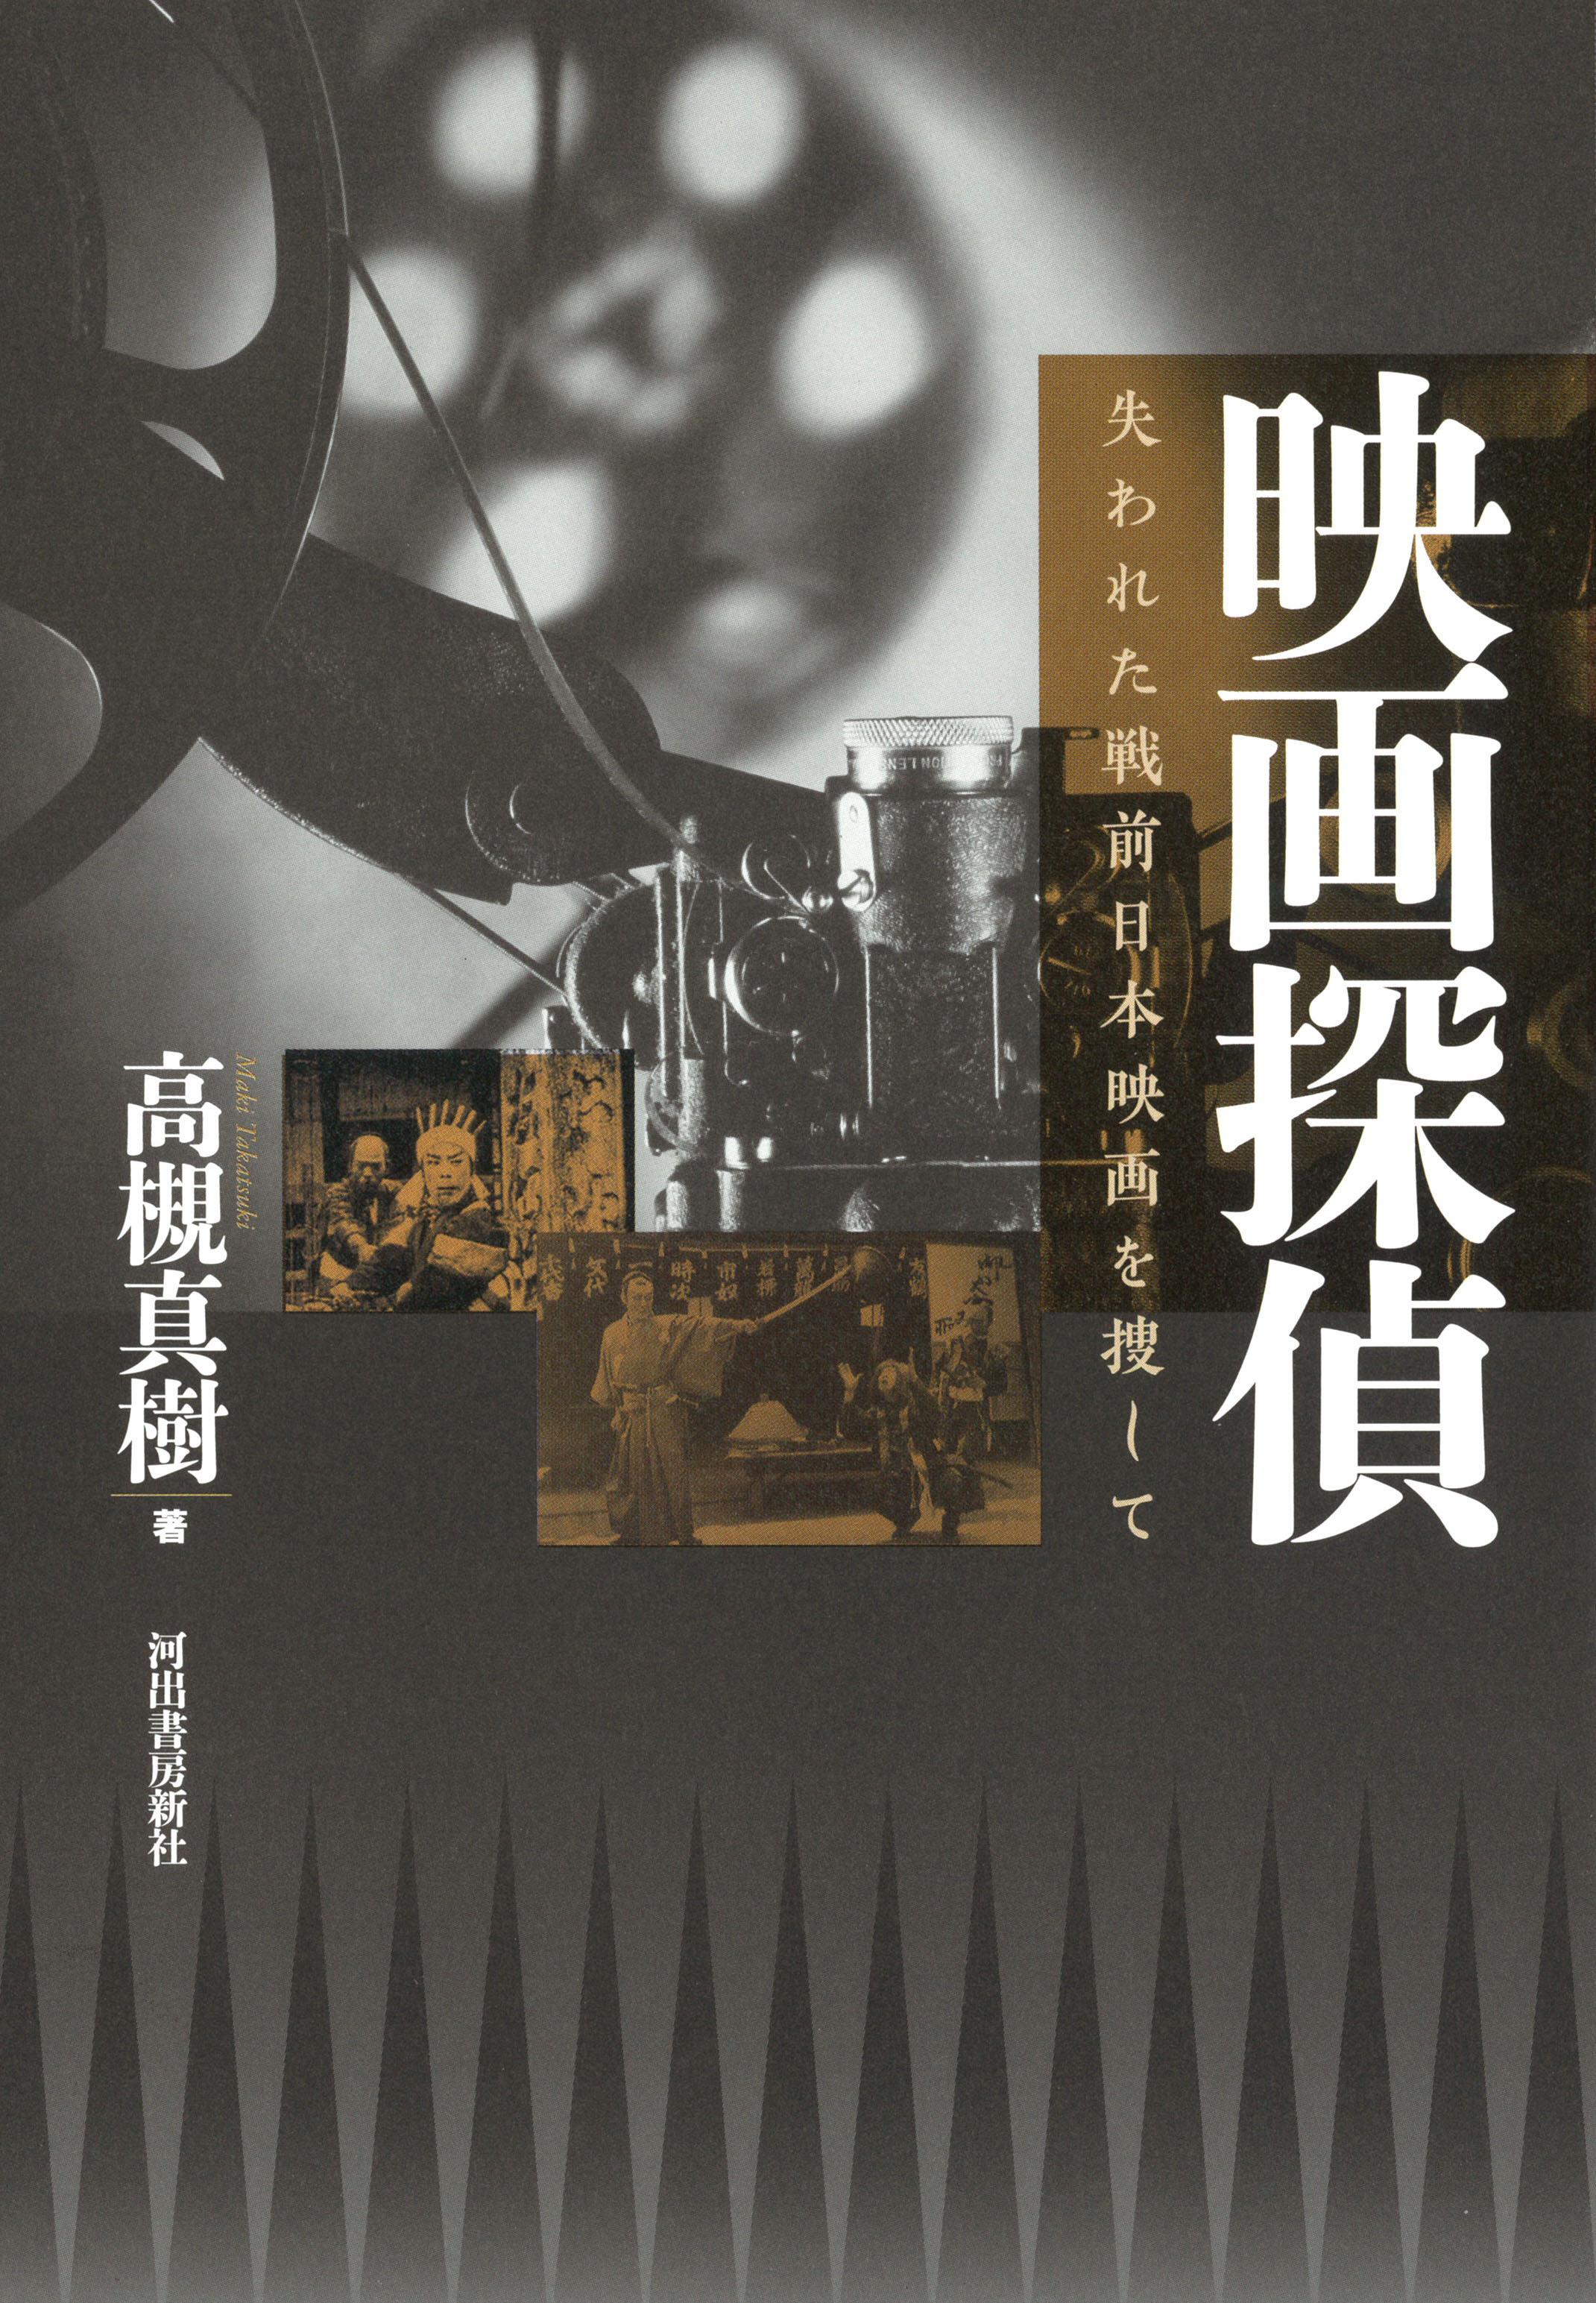 映画探偵──失われた戦前日本映画を捜して